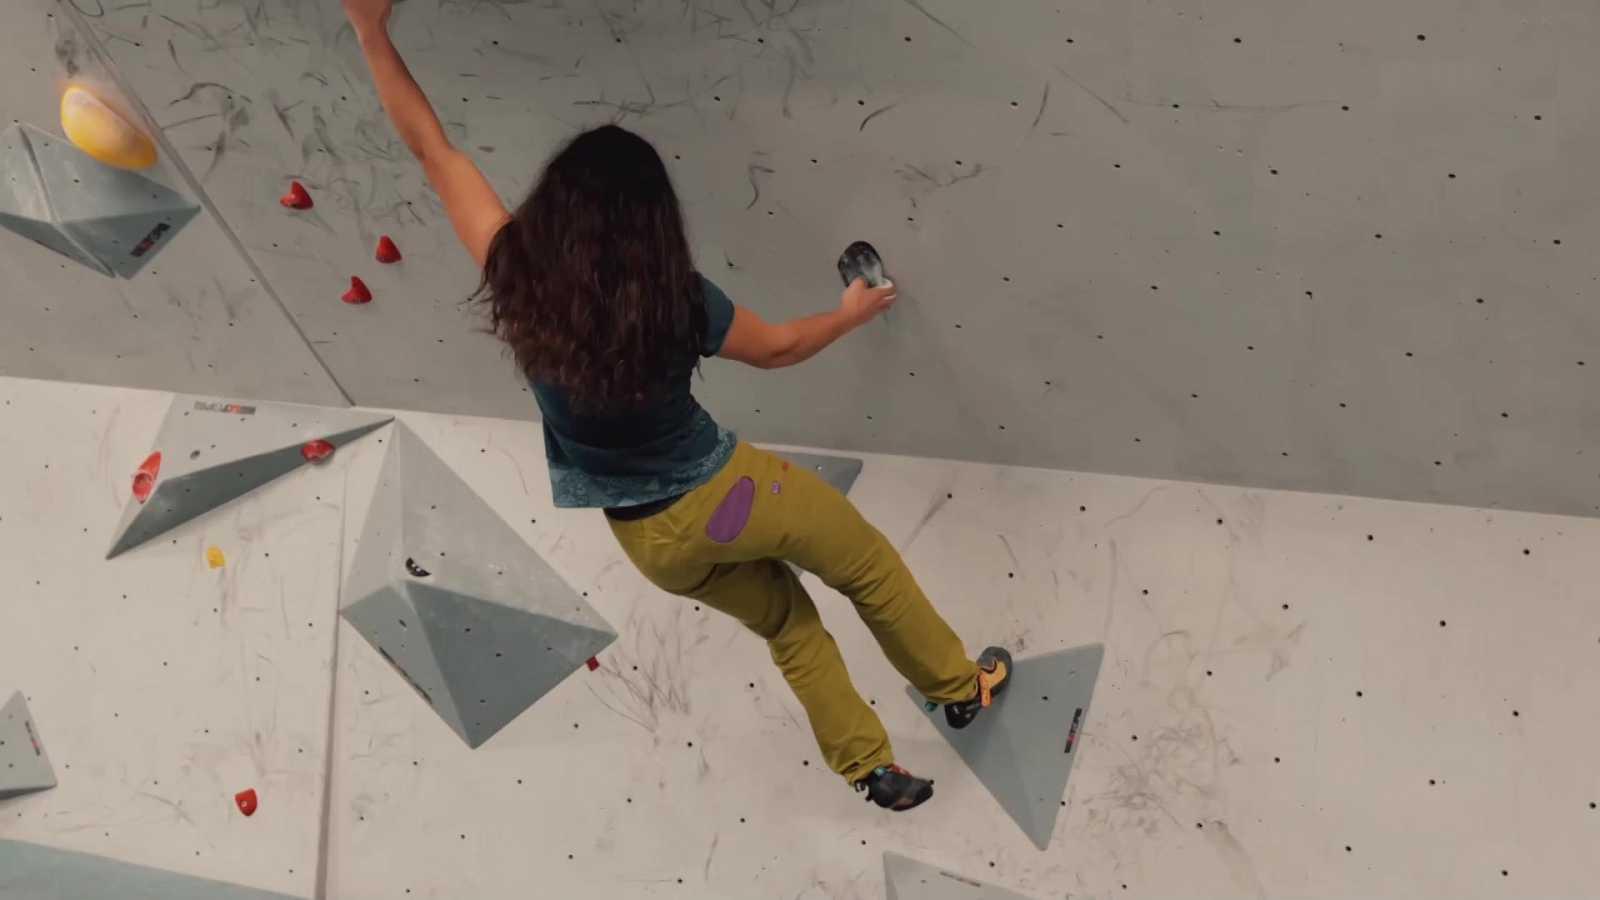 """Deportes de montaña - Serie mujer y deporte FEDME """"10 deportes de montaña - 10 mujeres de montaña"""" - ver ahora"""